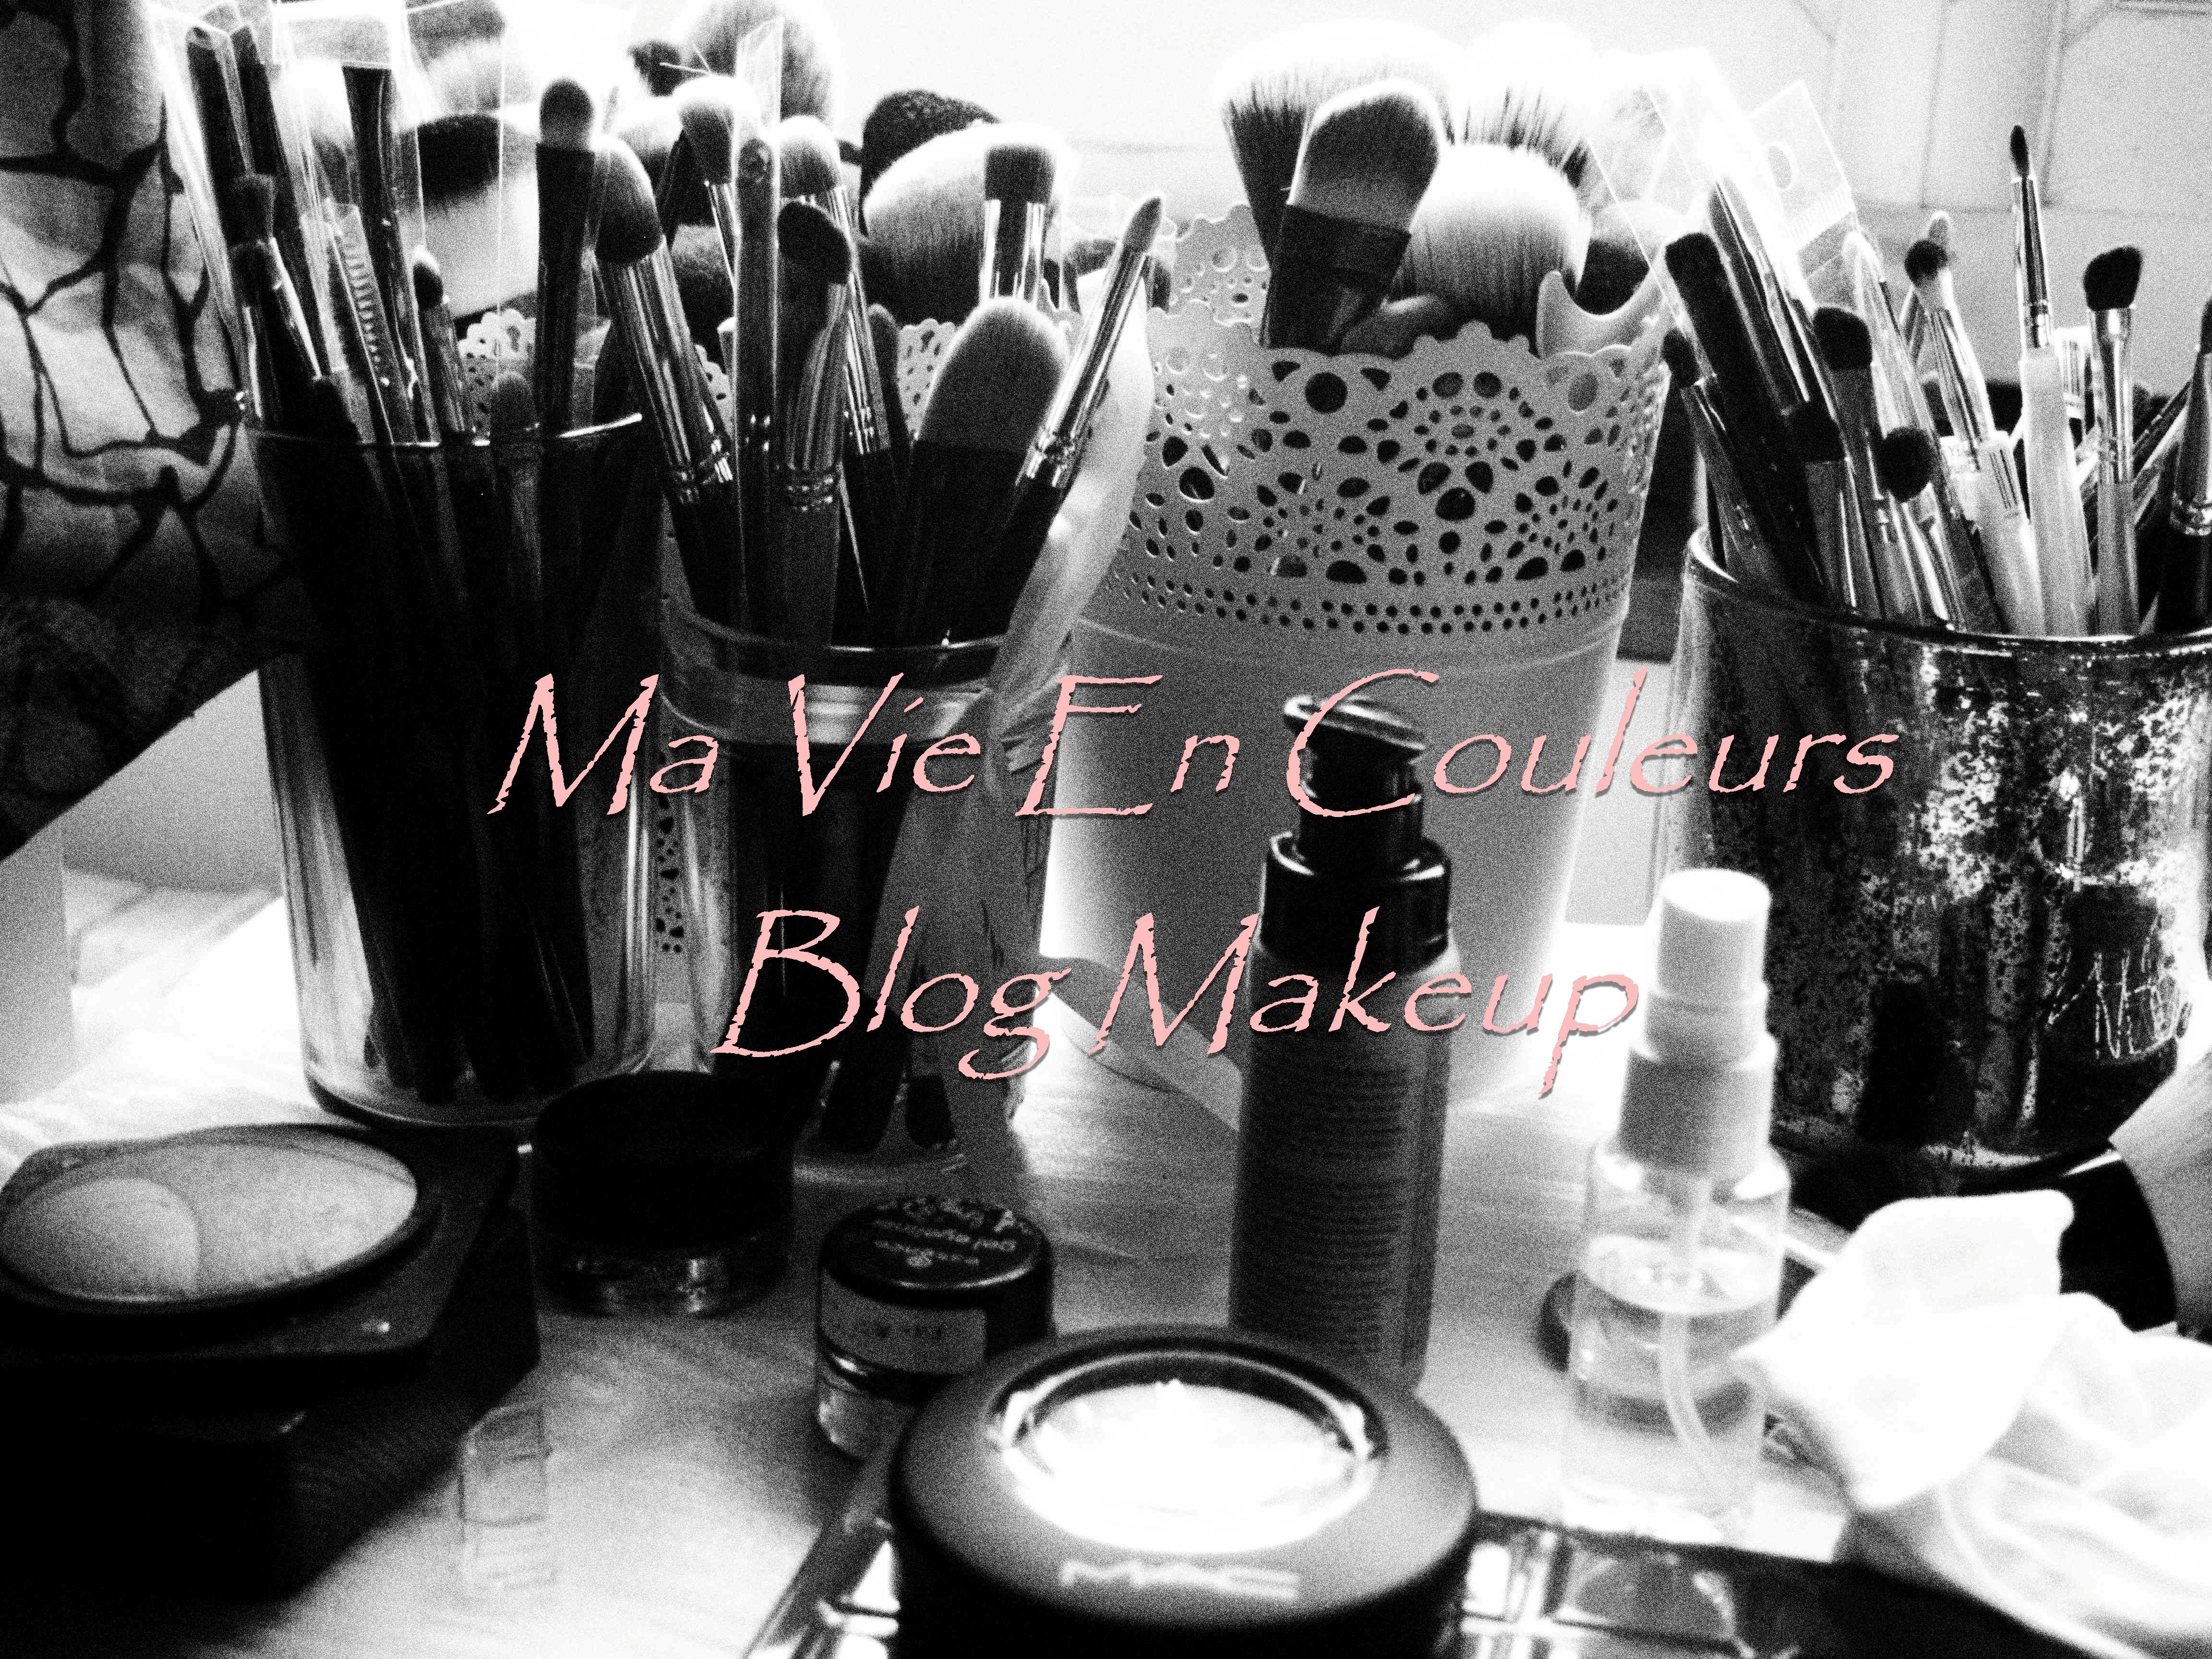 Ma Vie En Couleurs Blog-Makeup